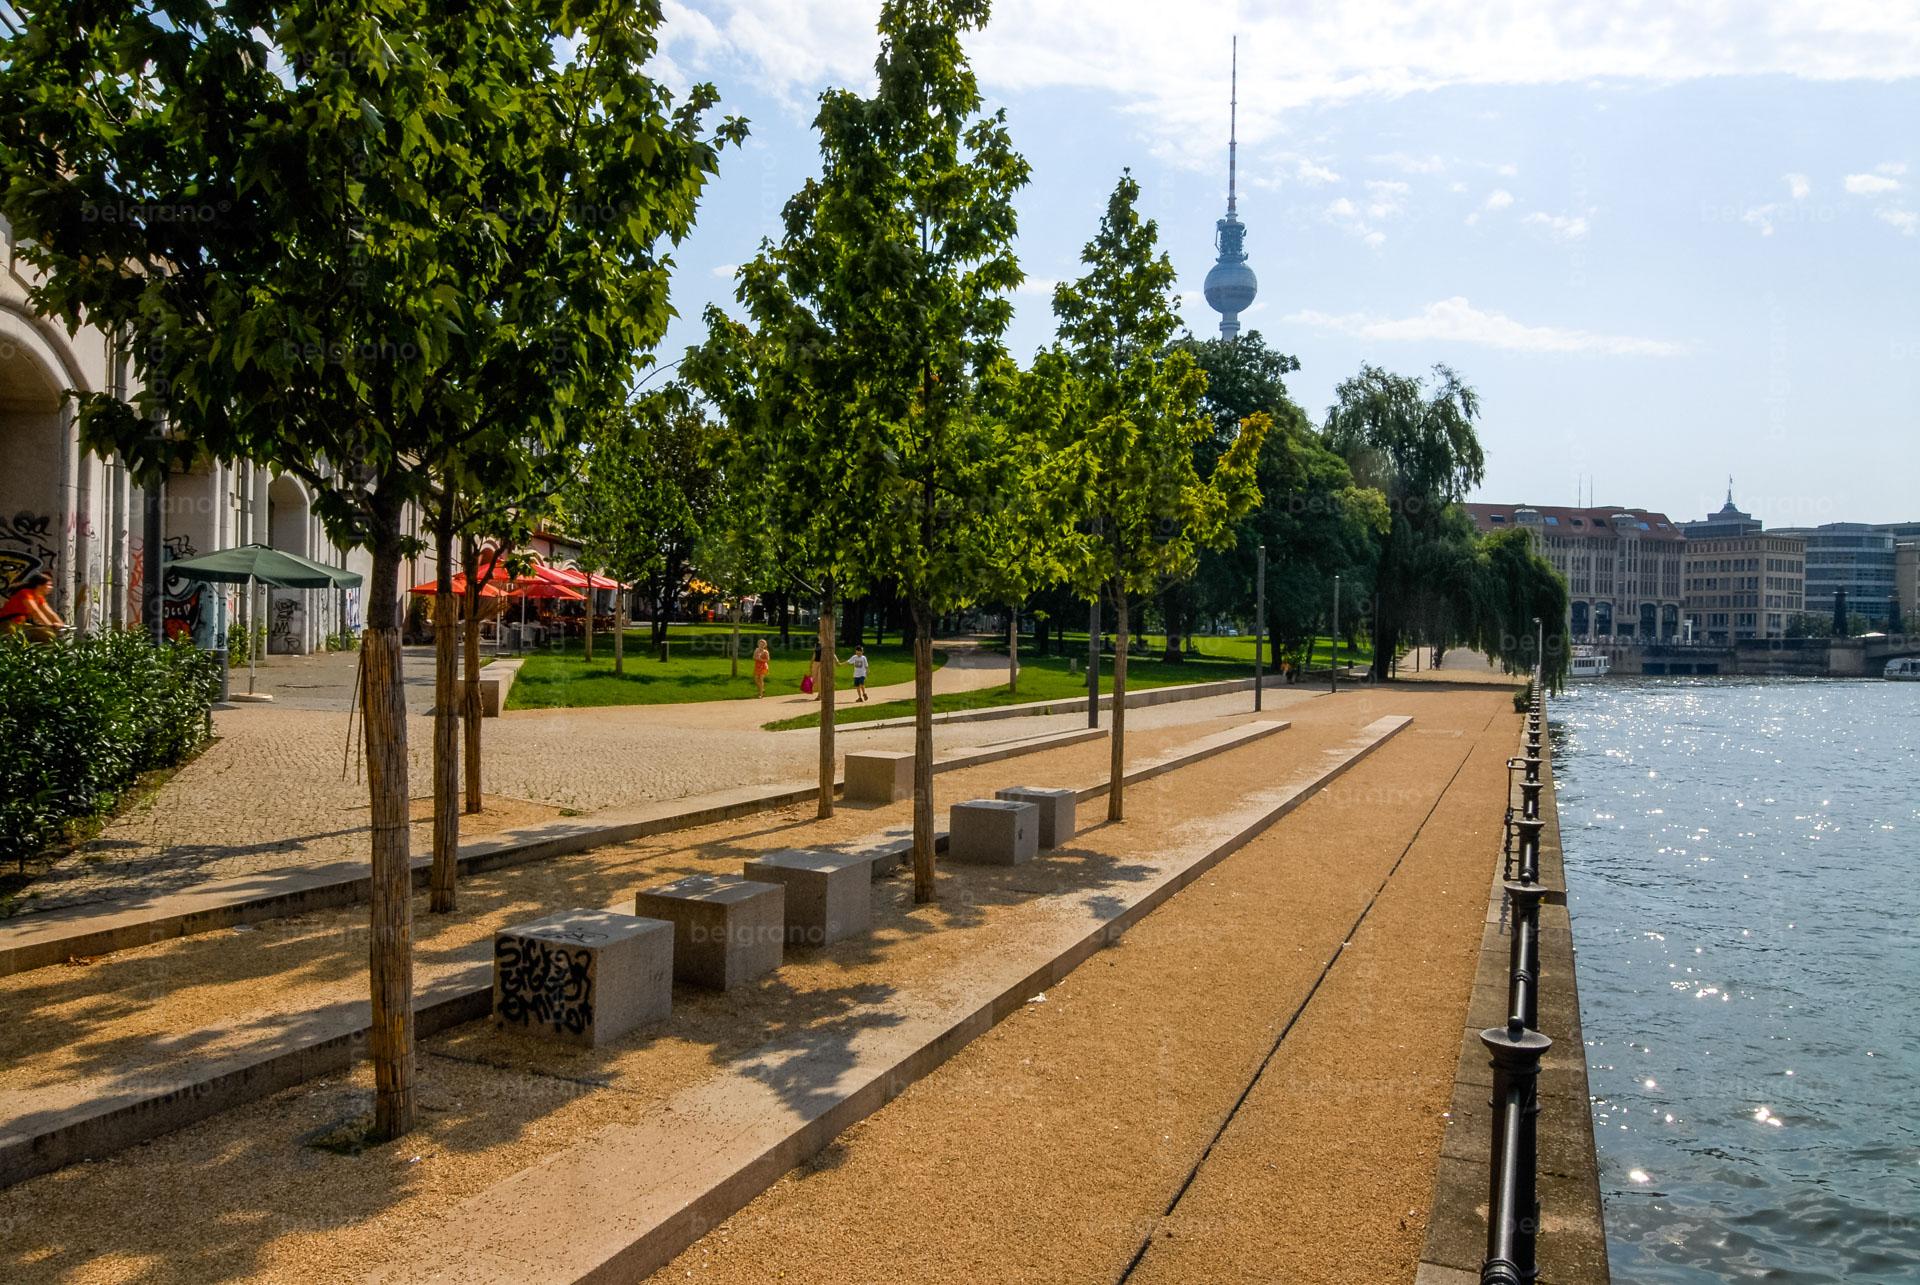 Monbijoupark in Berlin mit belgrano® Naturstein Sitzblöcken und einer Stufenanlage aus Granit